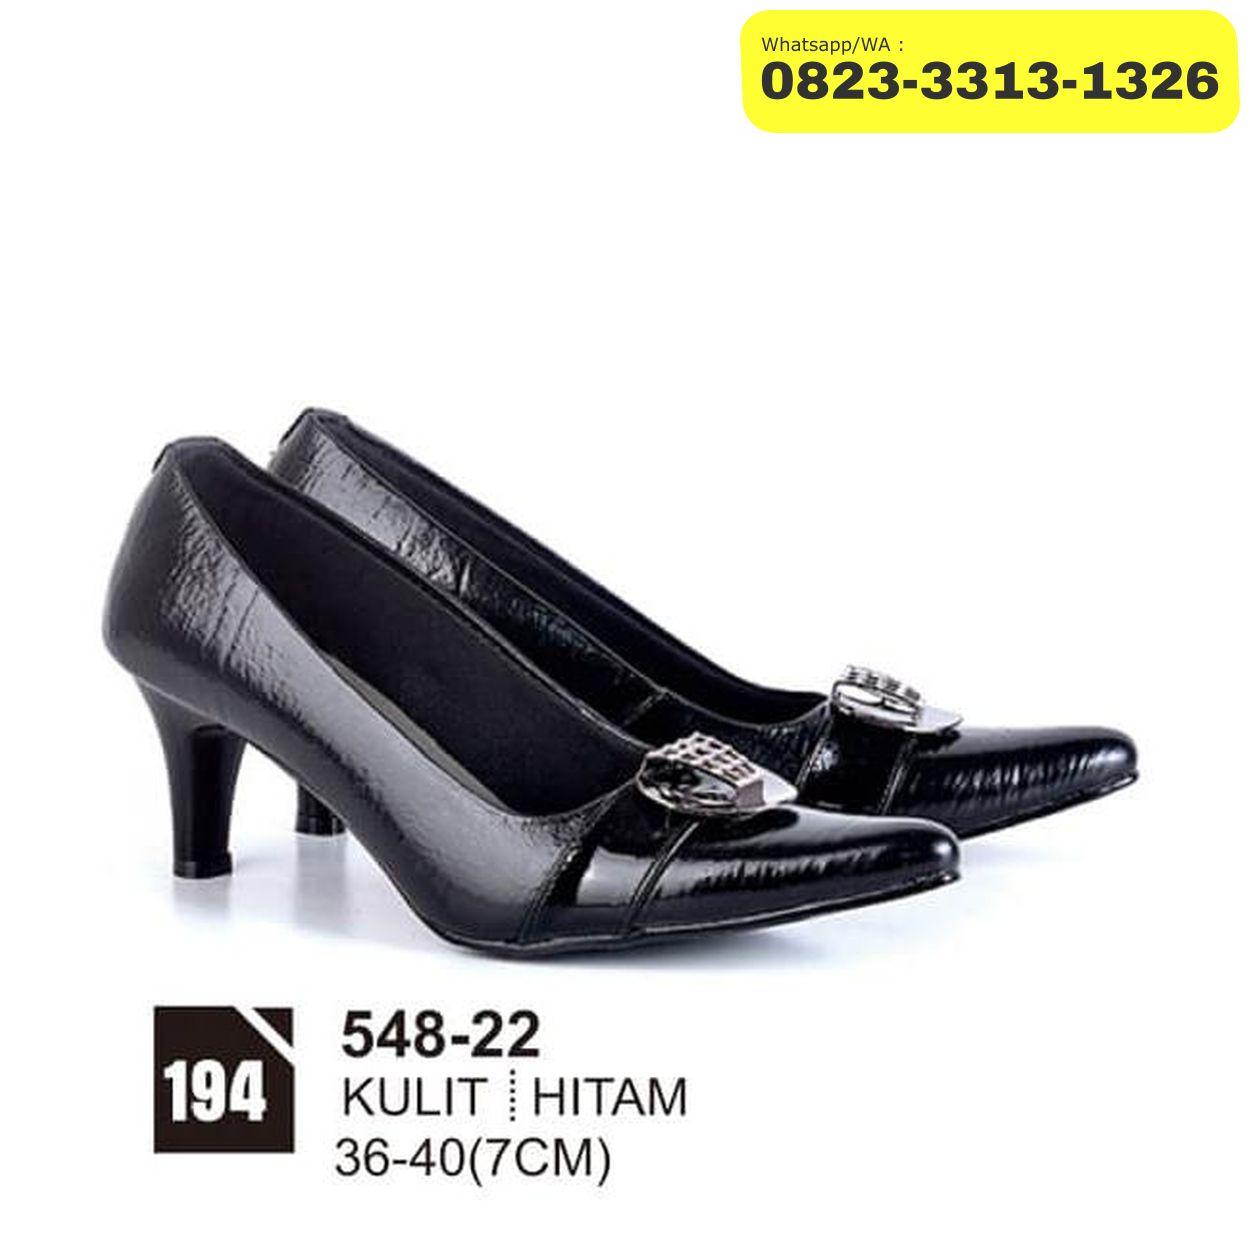 sepatu pantofel wanita hak tinggi high heels 7cm hitam kulit fa580c0d1b